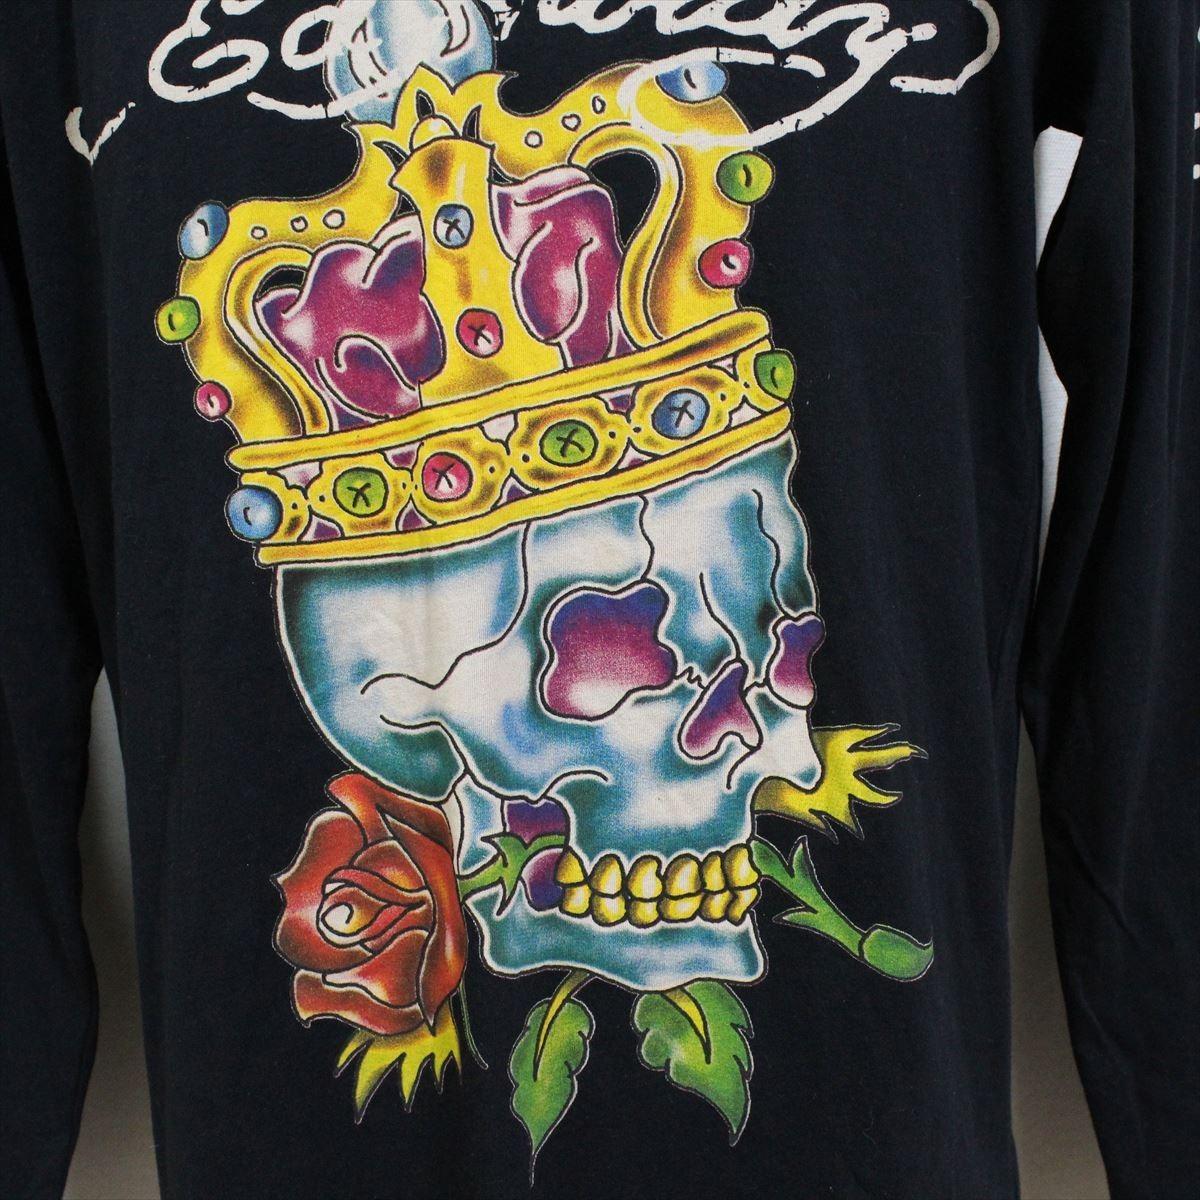 Ed Hardy(エドハーディー) メンズ長袖Tシャツ M03GTC302 ブラック 新品 黒色 Mサイズ_画像2